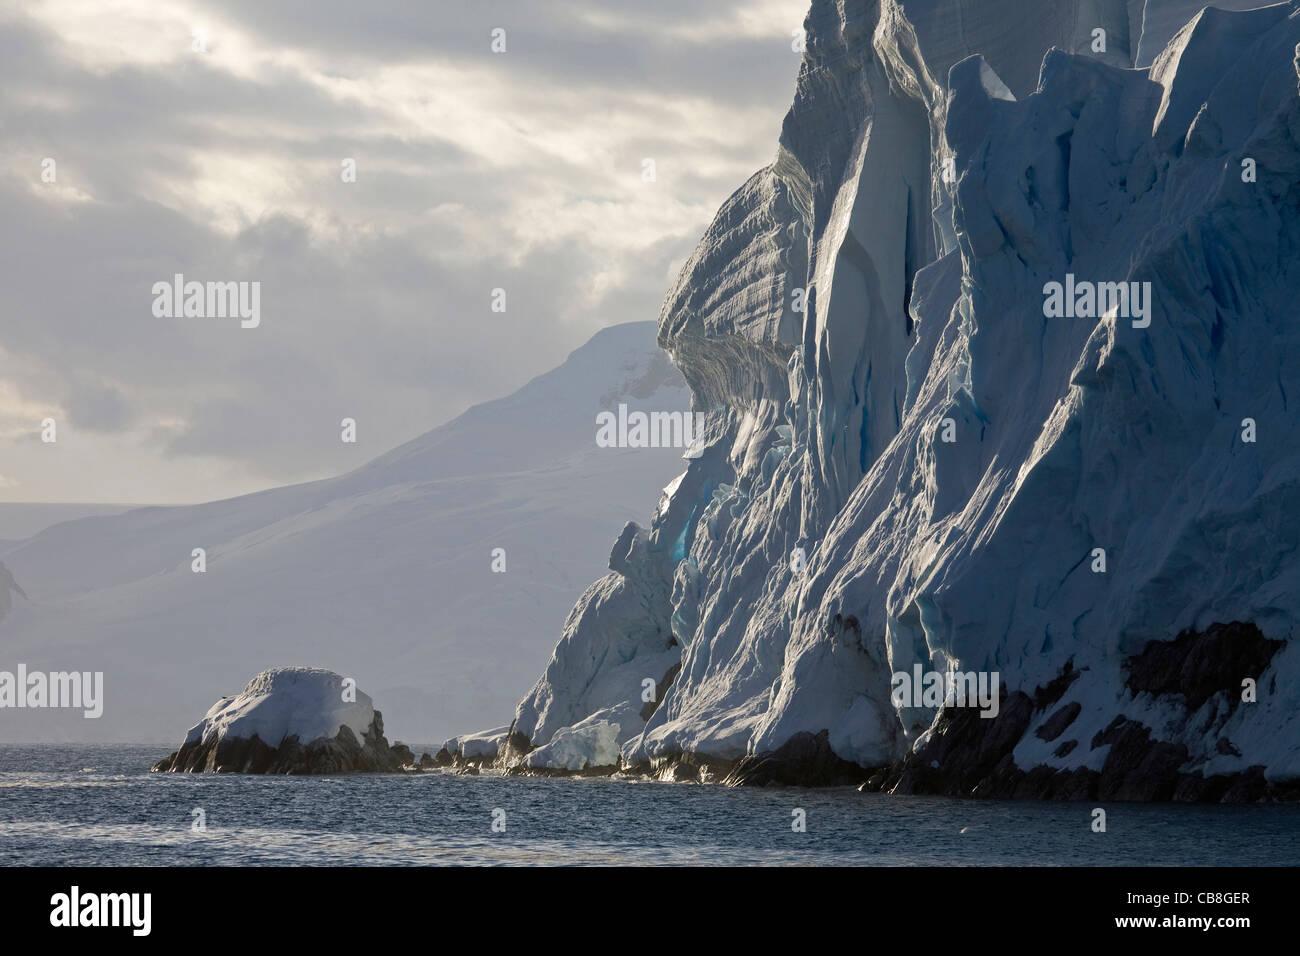 La mer de l'Antarctique et se désagrège mur de glace de glacier à l'Antarctique Photo Stock